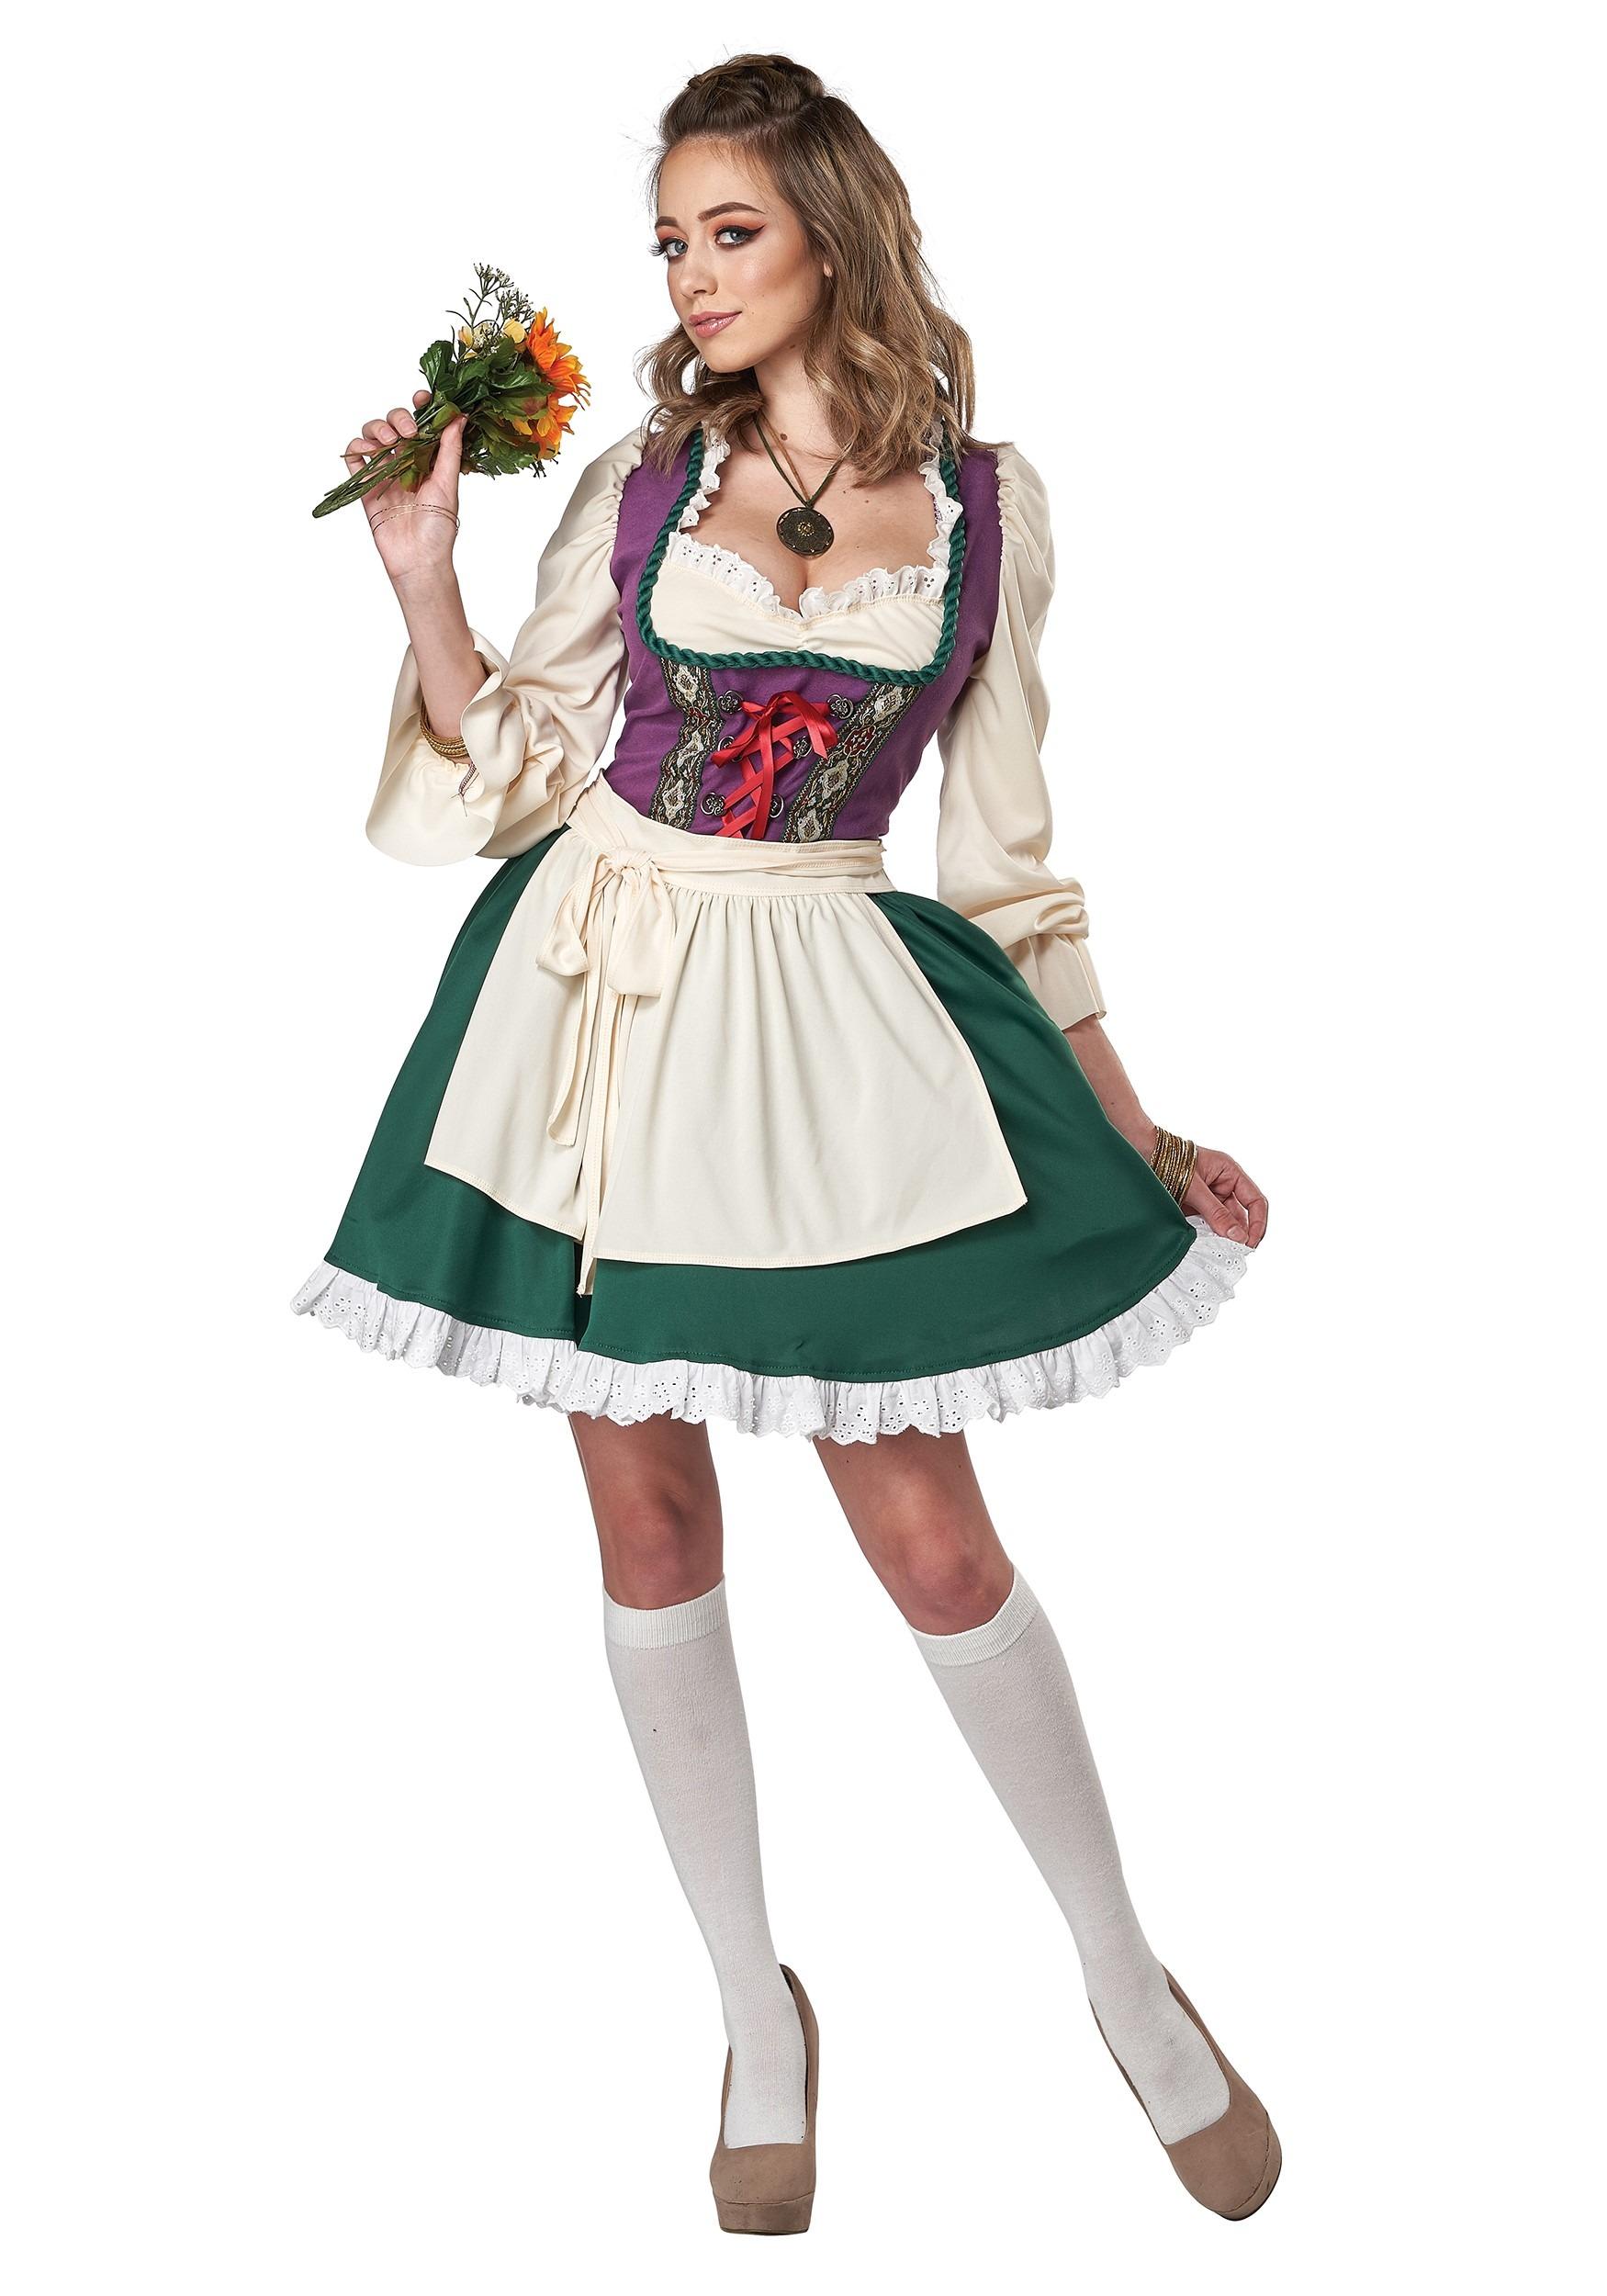 Beer Garden Girl Corset Top Oktoberfest Fancy Dress Halloween Costume Accessory